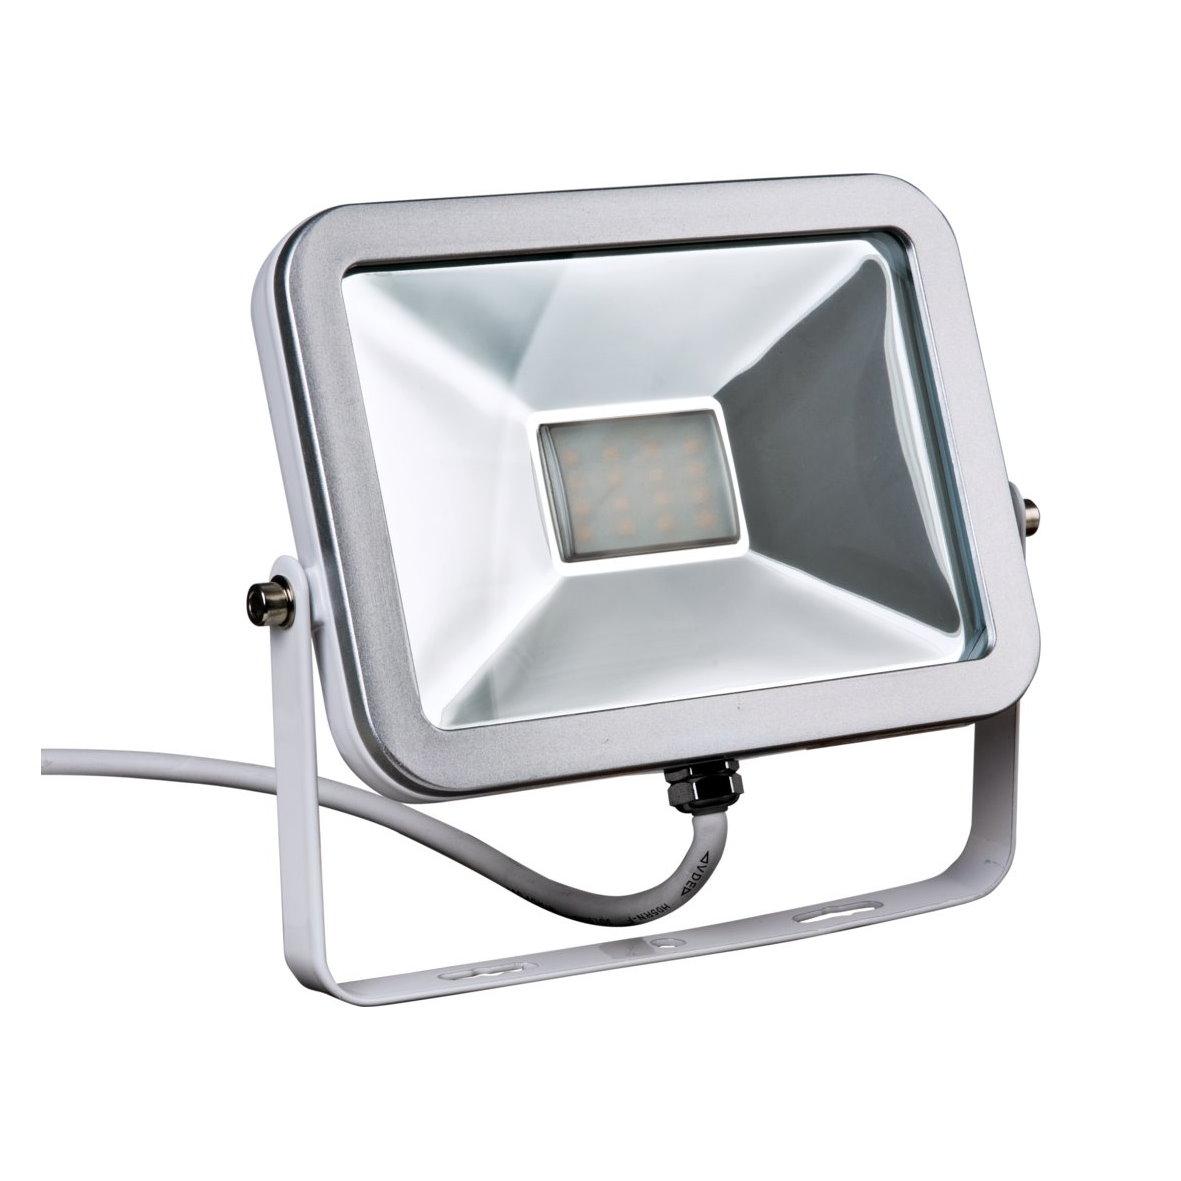 smd led slim aussenfluter flutlichtstrahler strahler fluter flutlicht 230v ip65 ebay. Black Bedroom Furniture Sets. Home Design Ideas